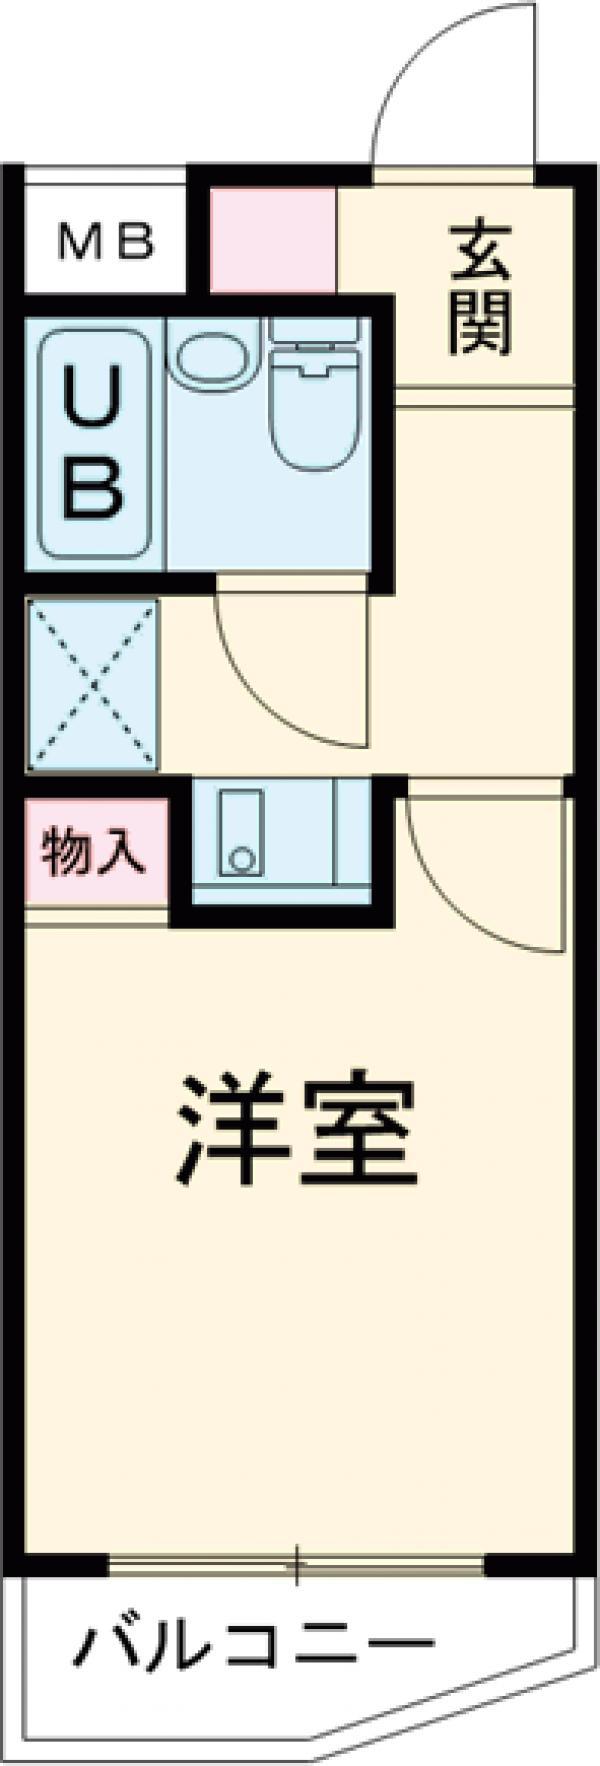 スカイコート駒沢公園 204号室の間取り